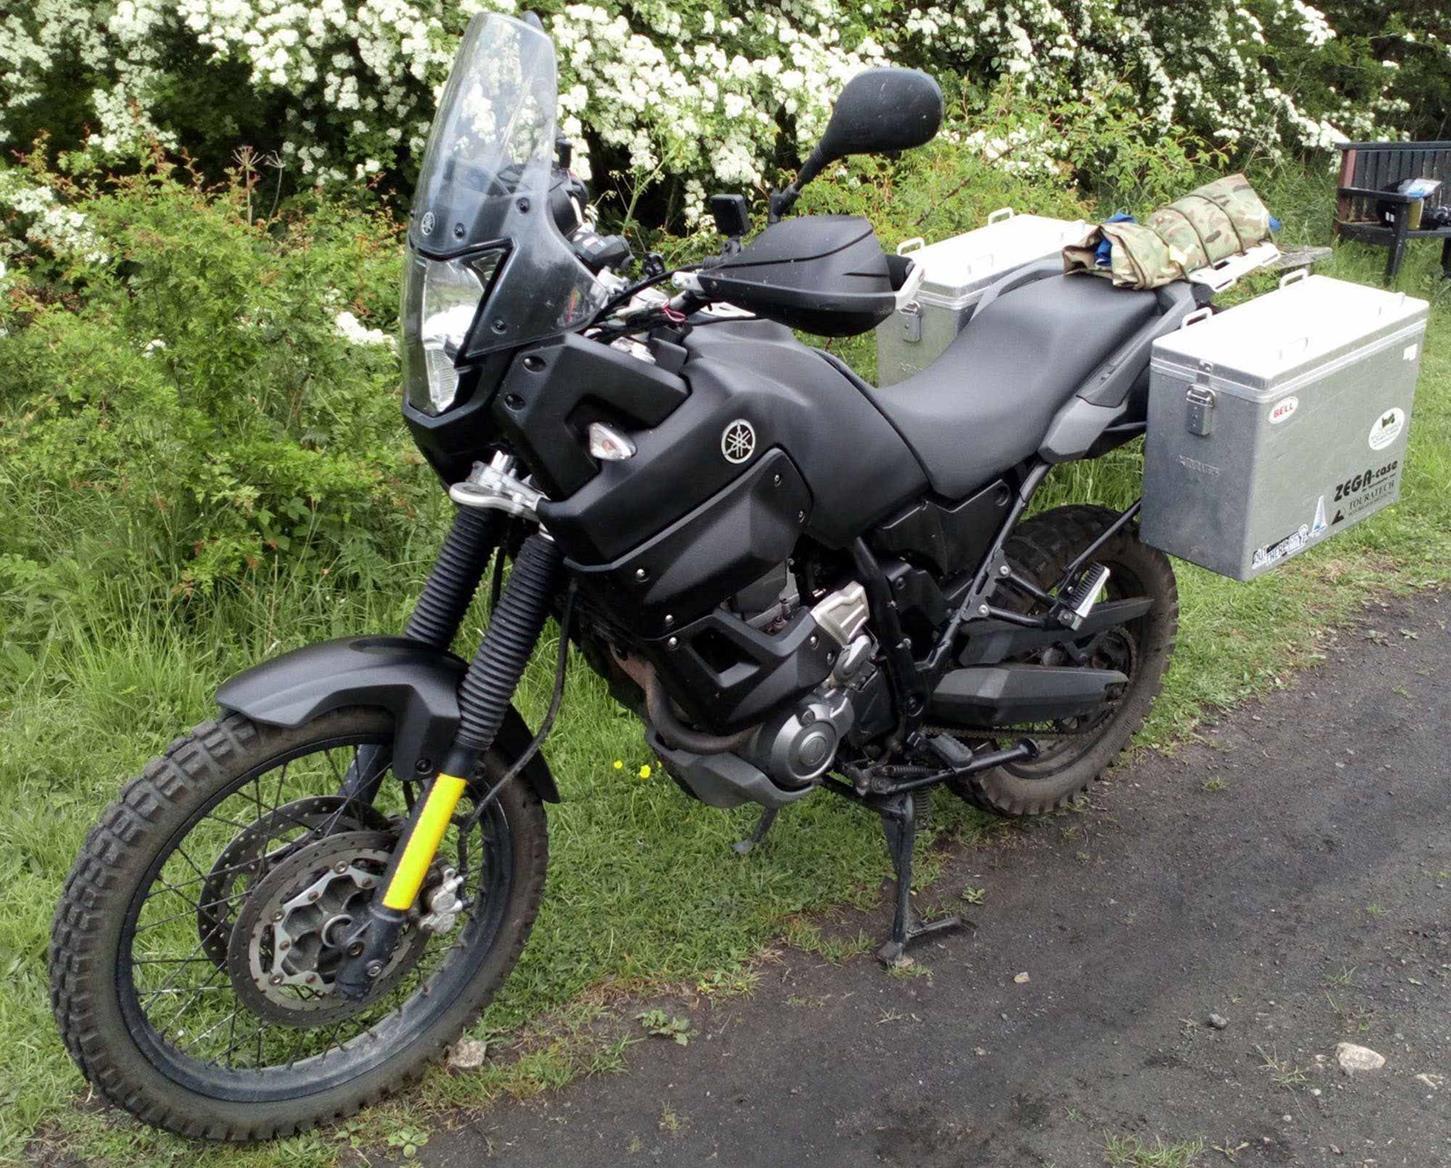 The Yamaha XTZ660 Tenere